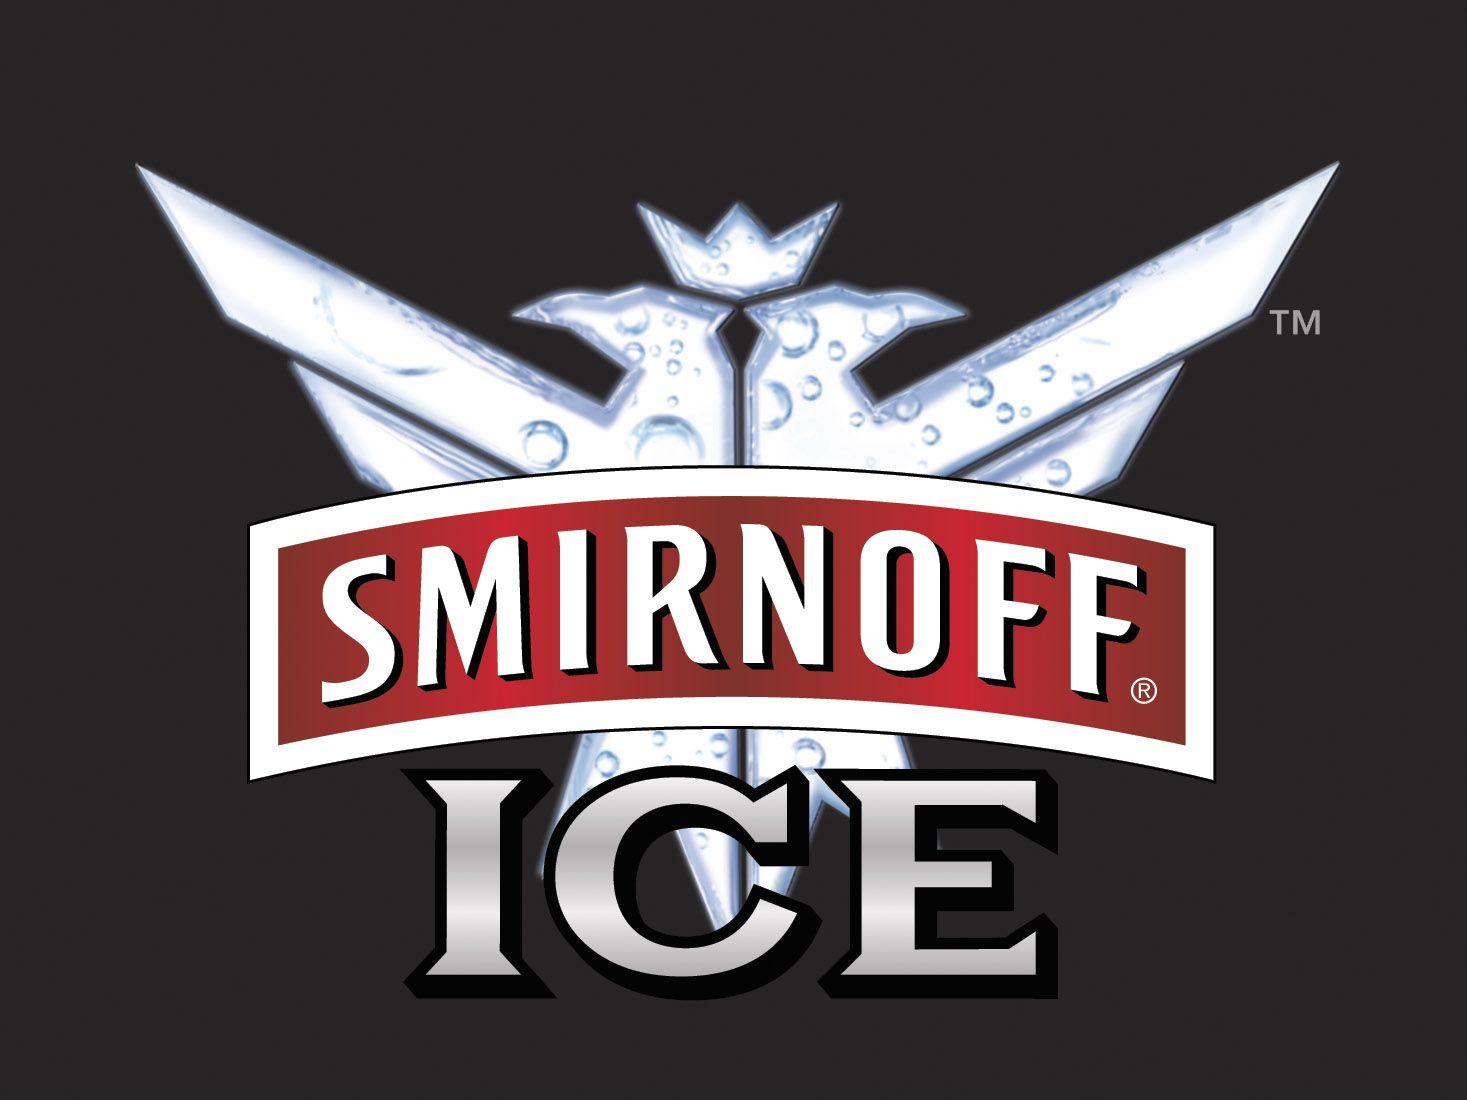 Smirnoff ICE.